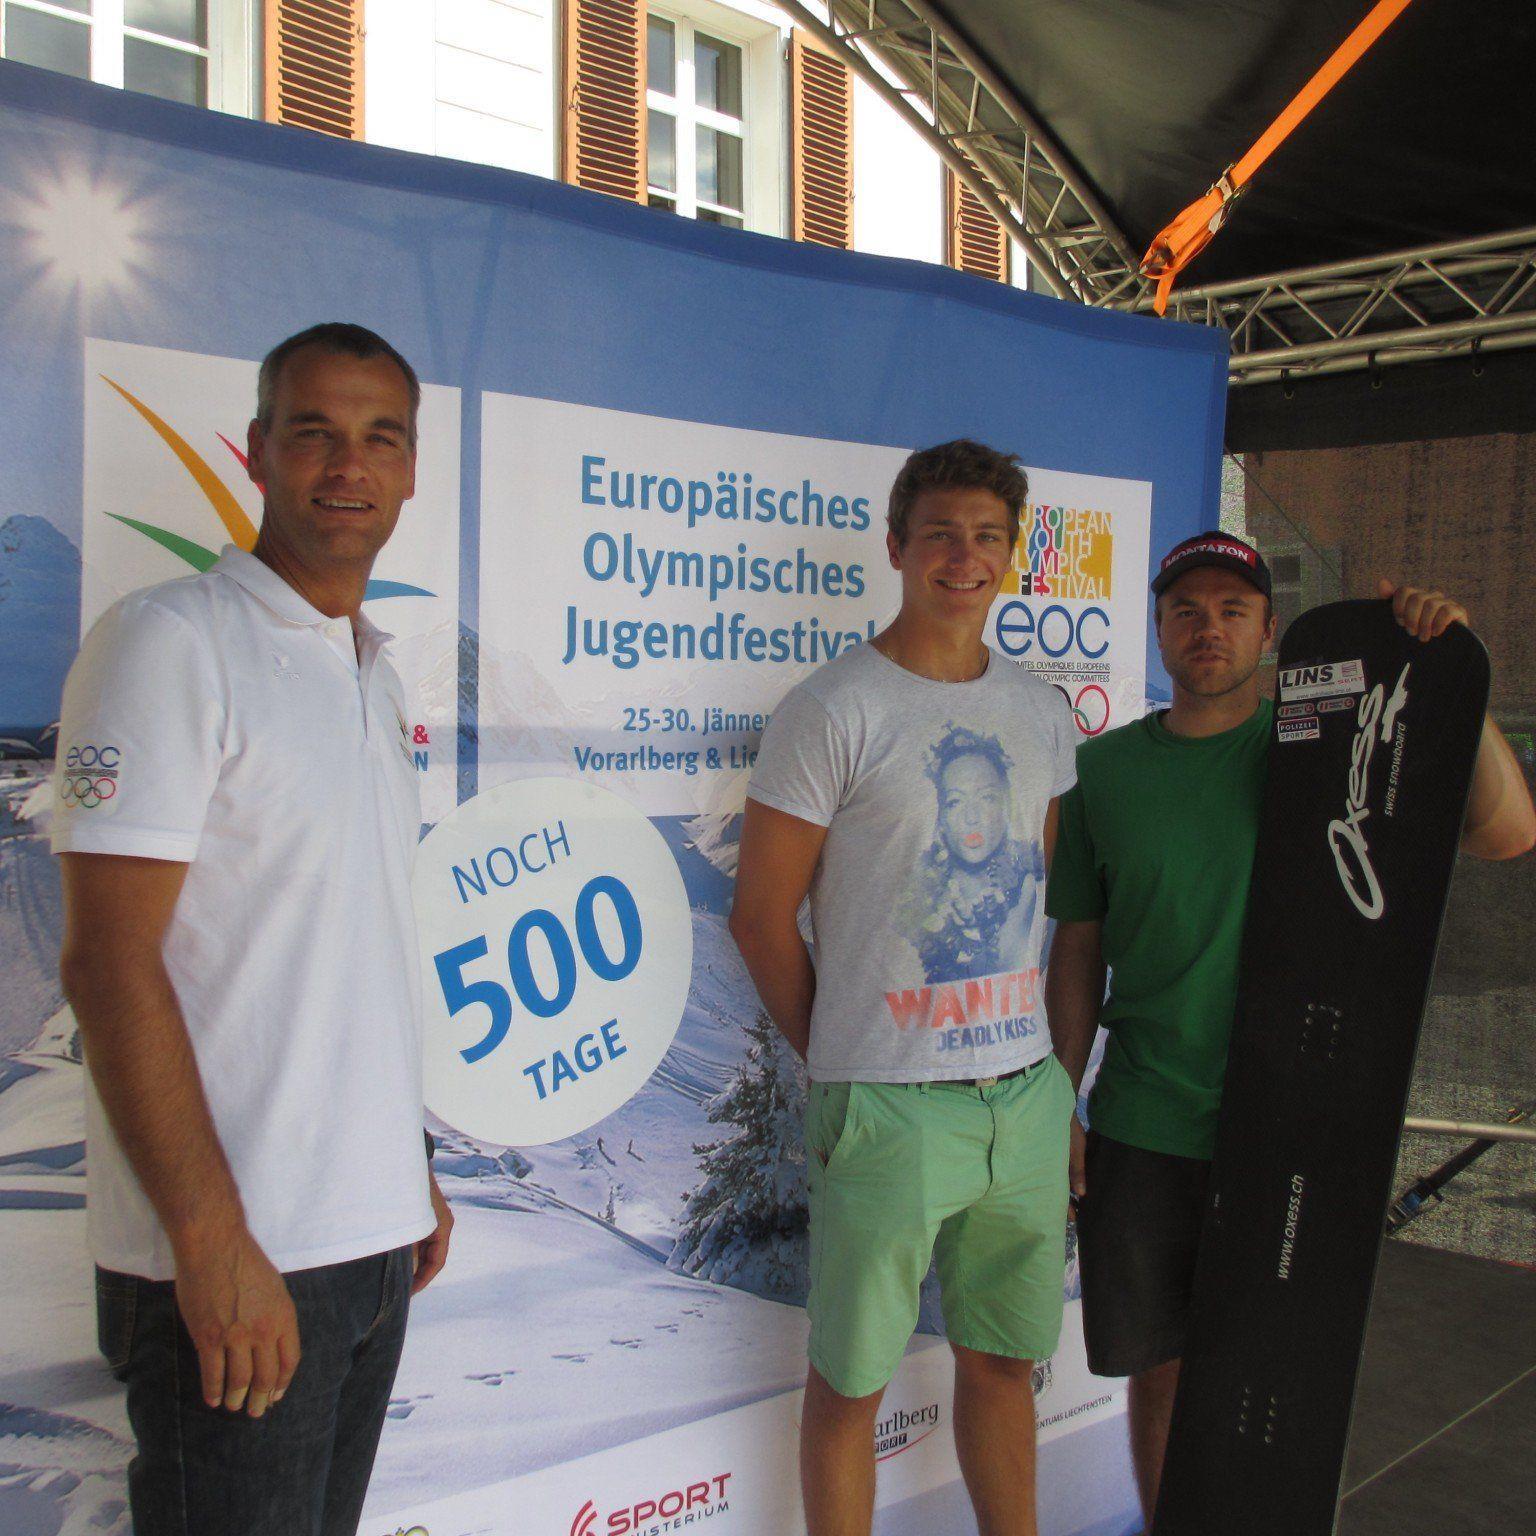 v.l. Dieter Dubkowitsch, Geschäftsführer EYOF Vorarlberg Liechtenstein 2015, und die beiden Snowboarder Alessandro Hämmerle und Markus Schairer am Kirchplatz in Schruns, wo sich in exakt 500 Tagen die ersten Sieger der Europäischen Olympischen Jugendspiele feiern lassen.